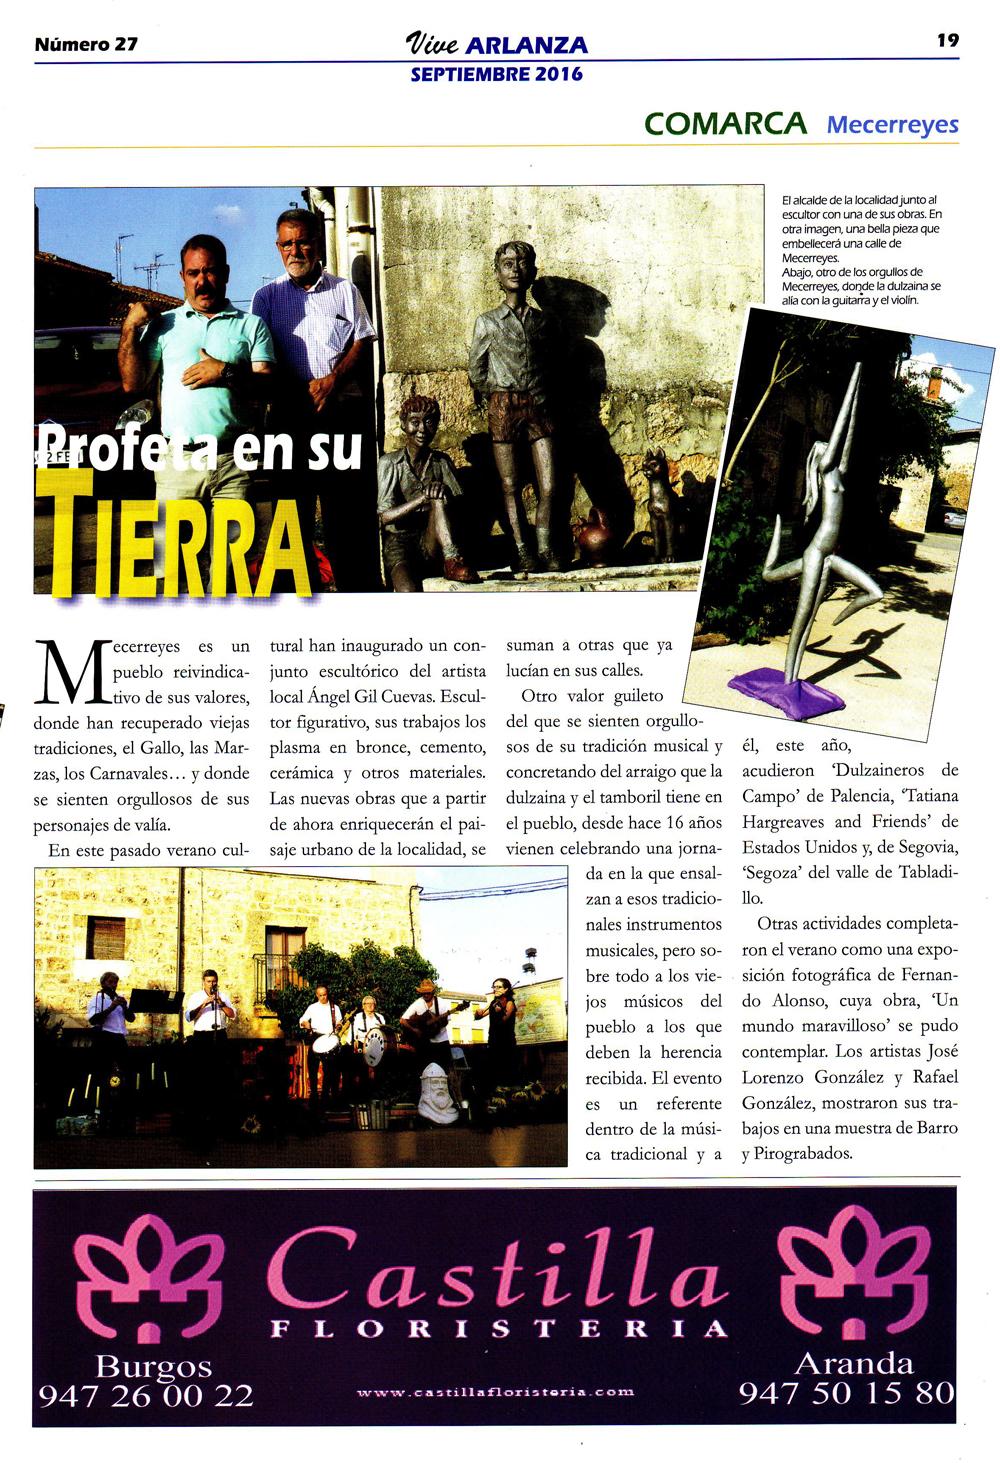 Revista Vive Arlanza - Ángel Gil, Profeta en su tierra, Mecerreyes